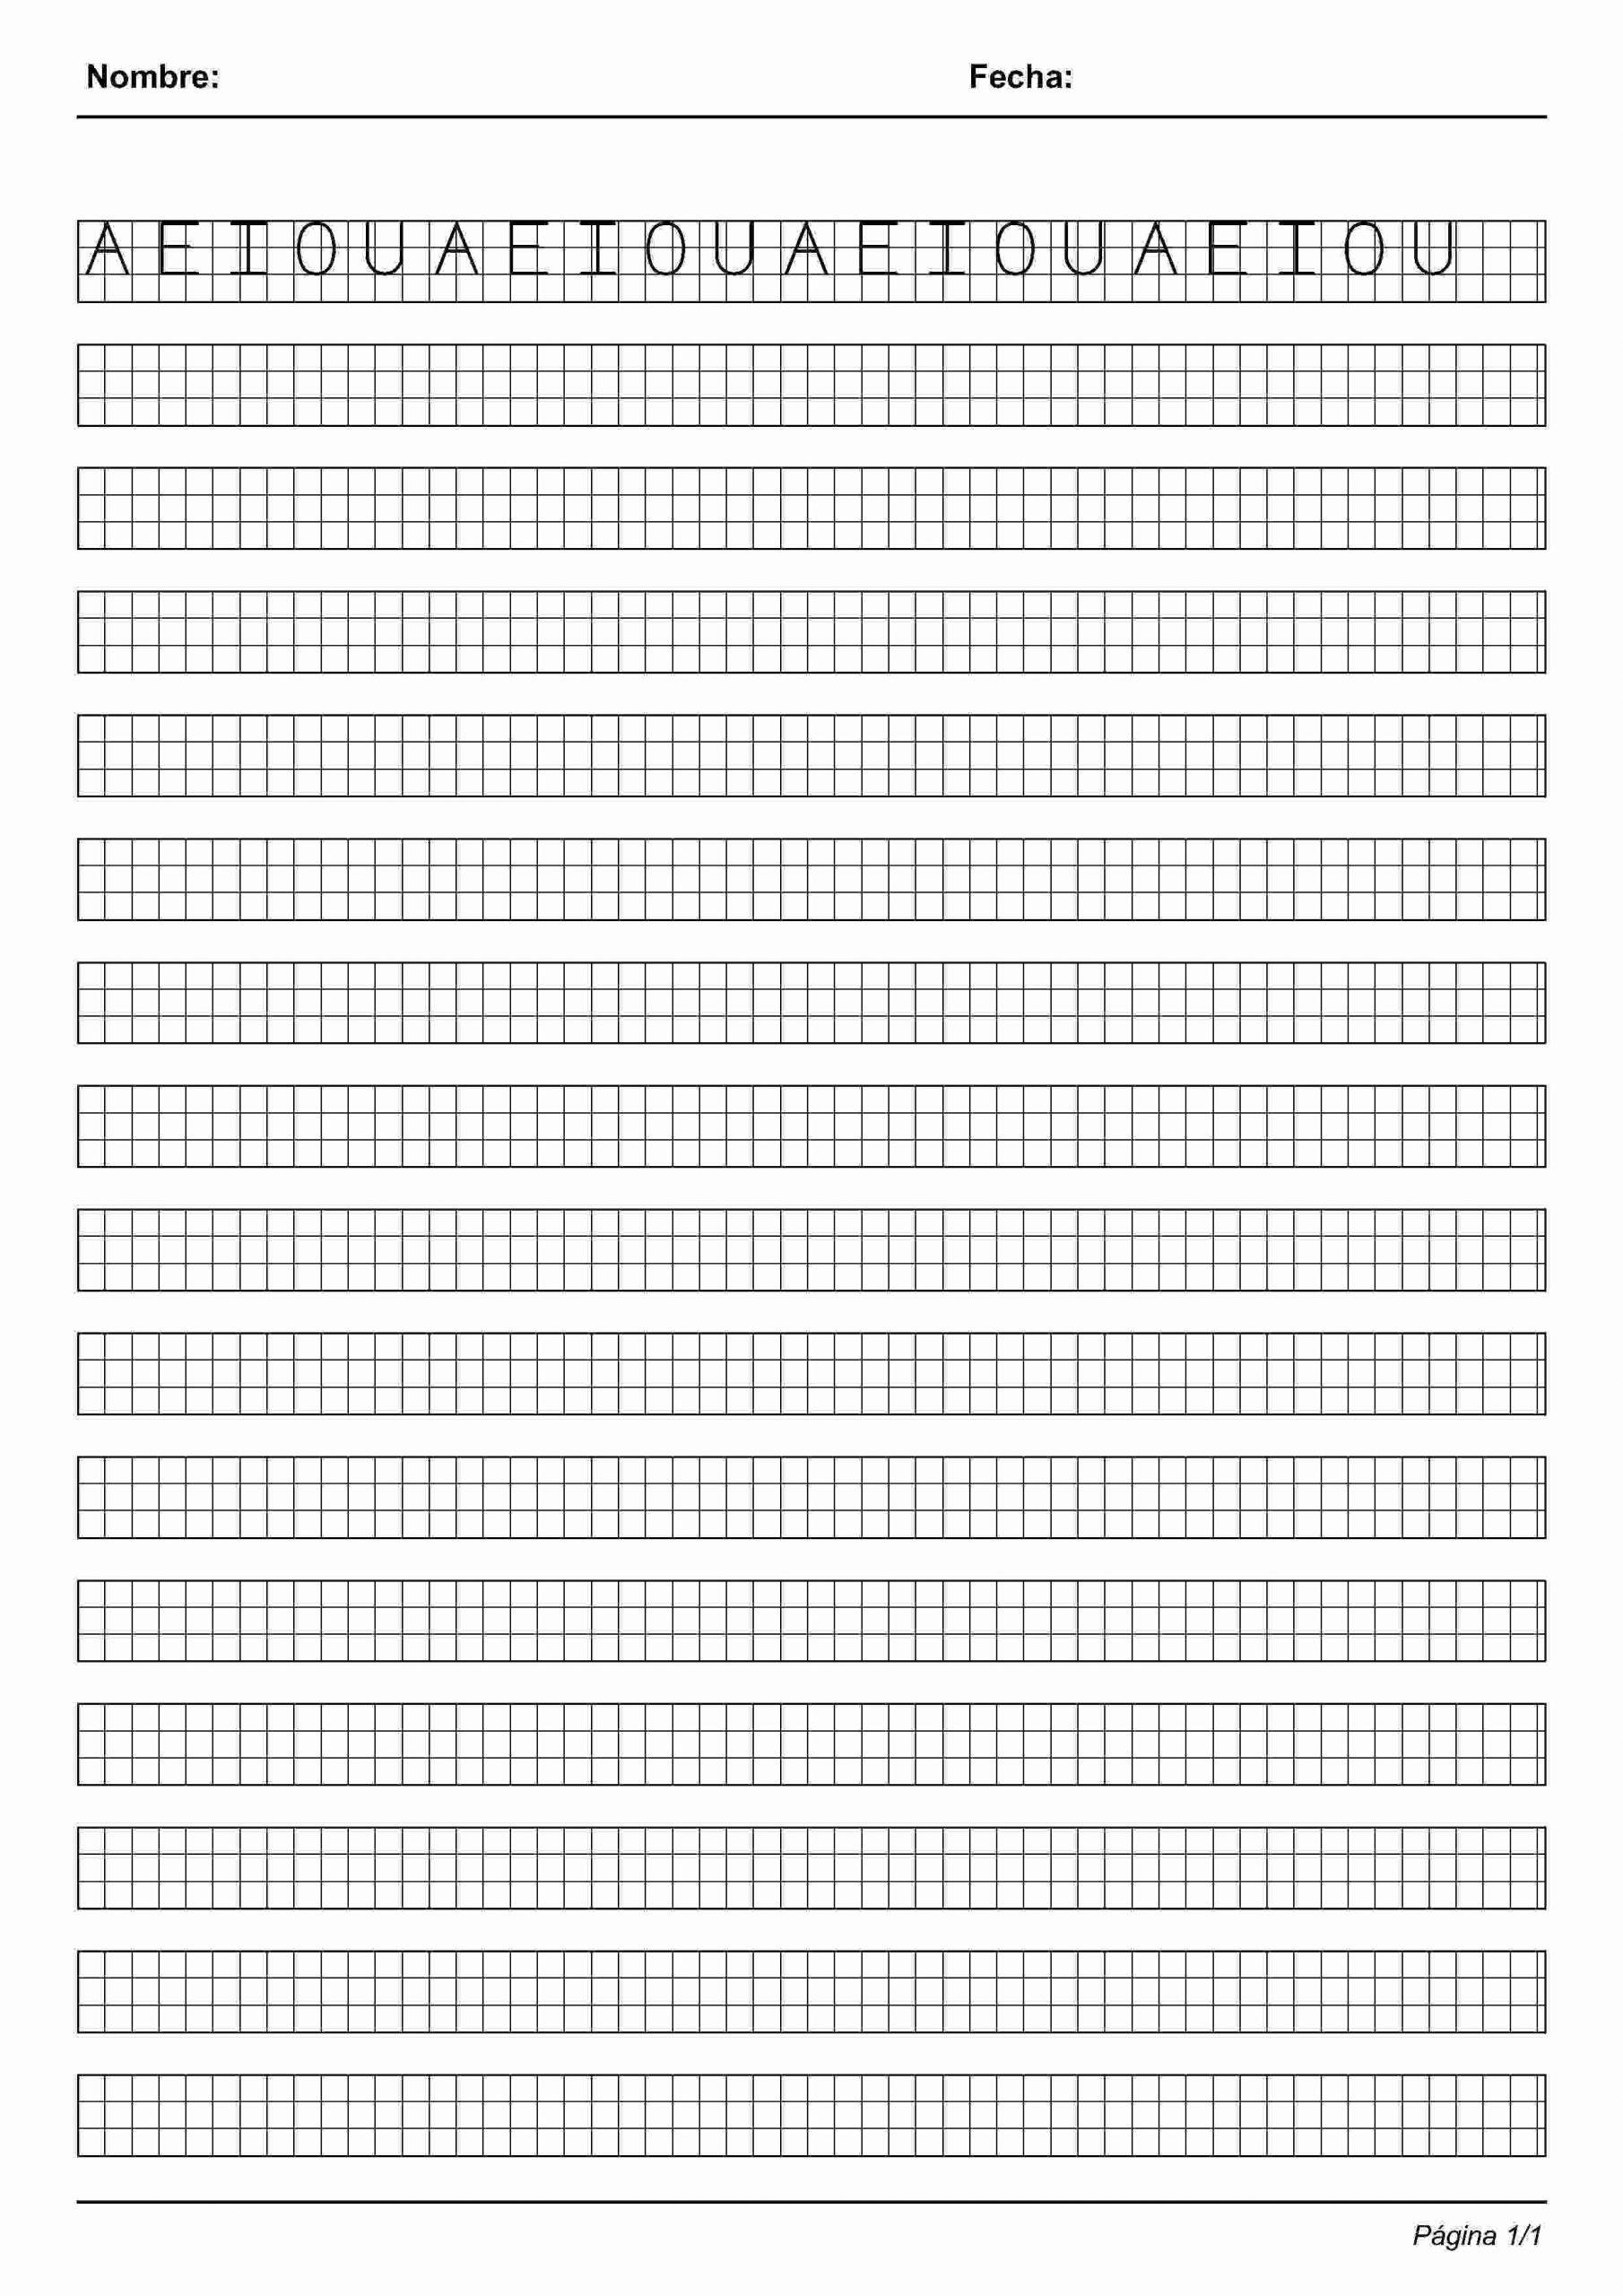 Exercices À Imprimer Pour Les Enfants. Calligraphie Sur Du intérieur Exercices Maternelle A Imprimer Gratuit